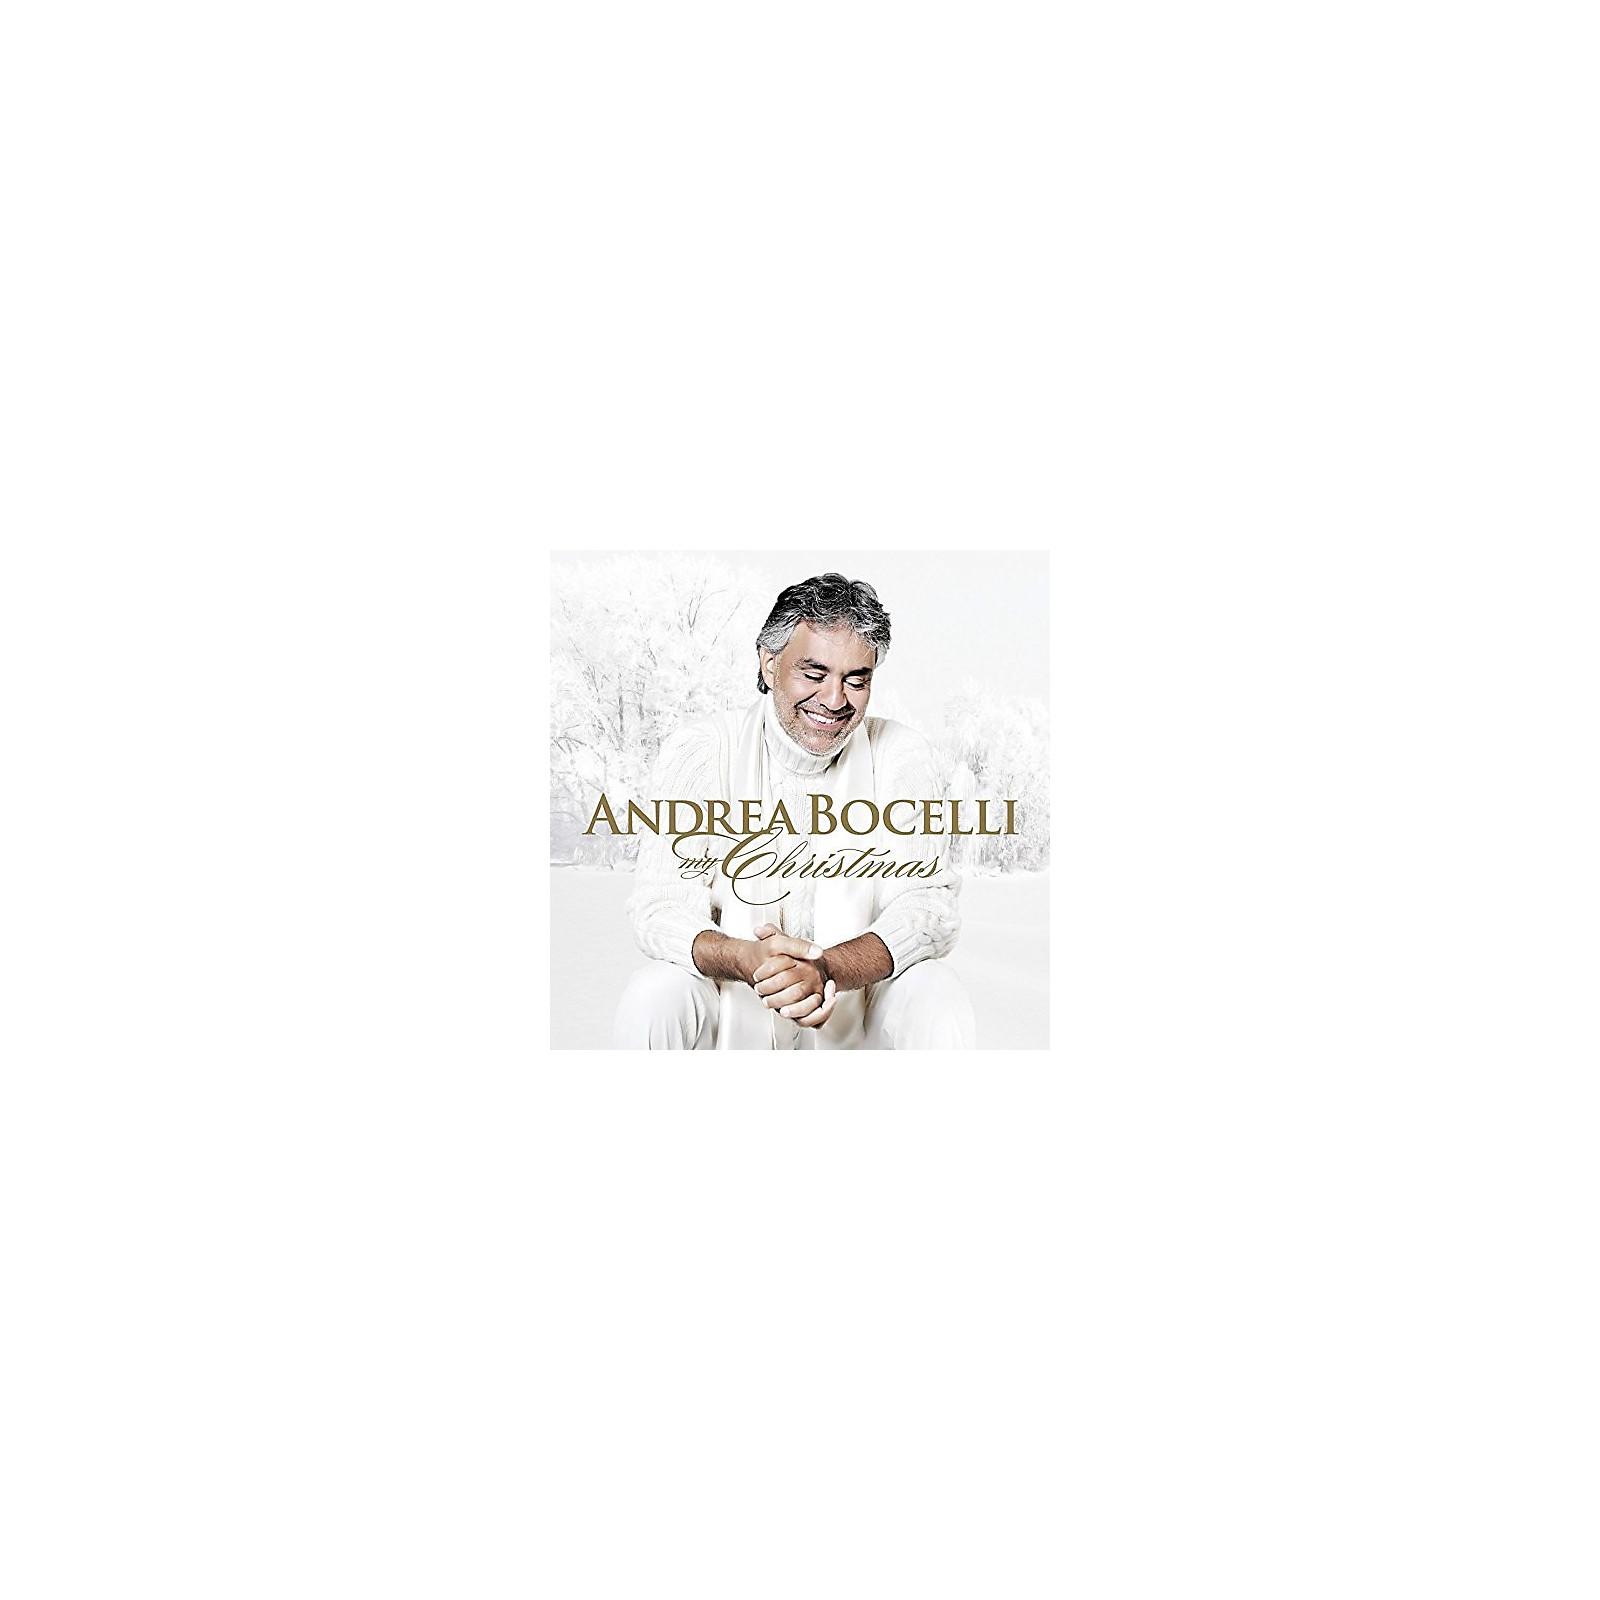 Alliance Andrea Bocelli - My Christmas